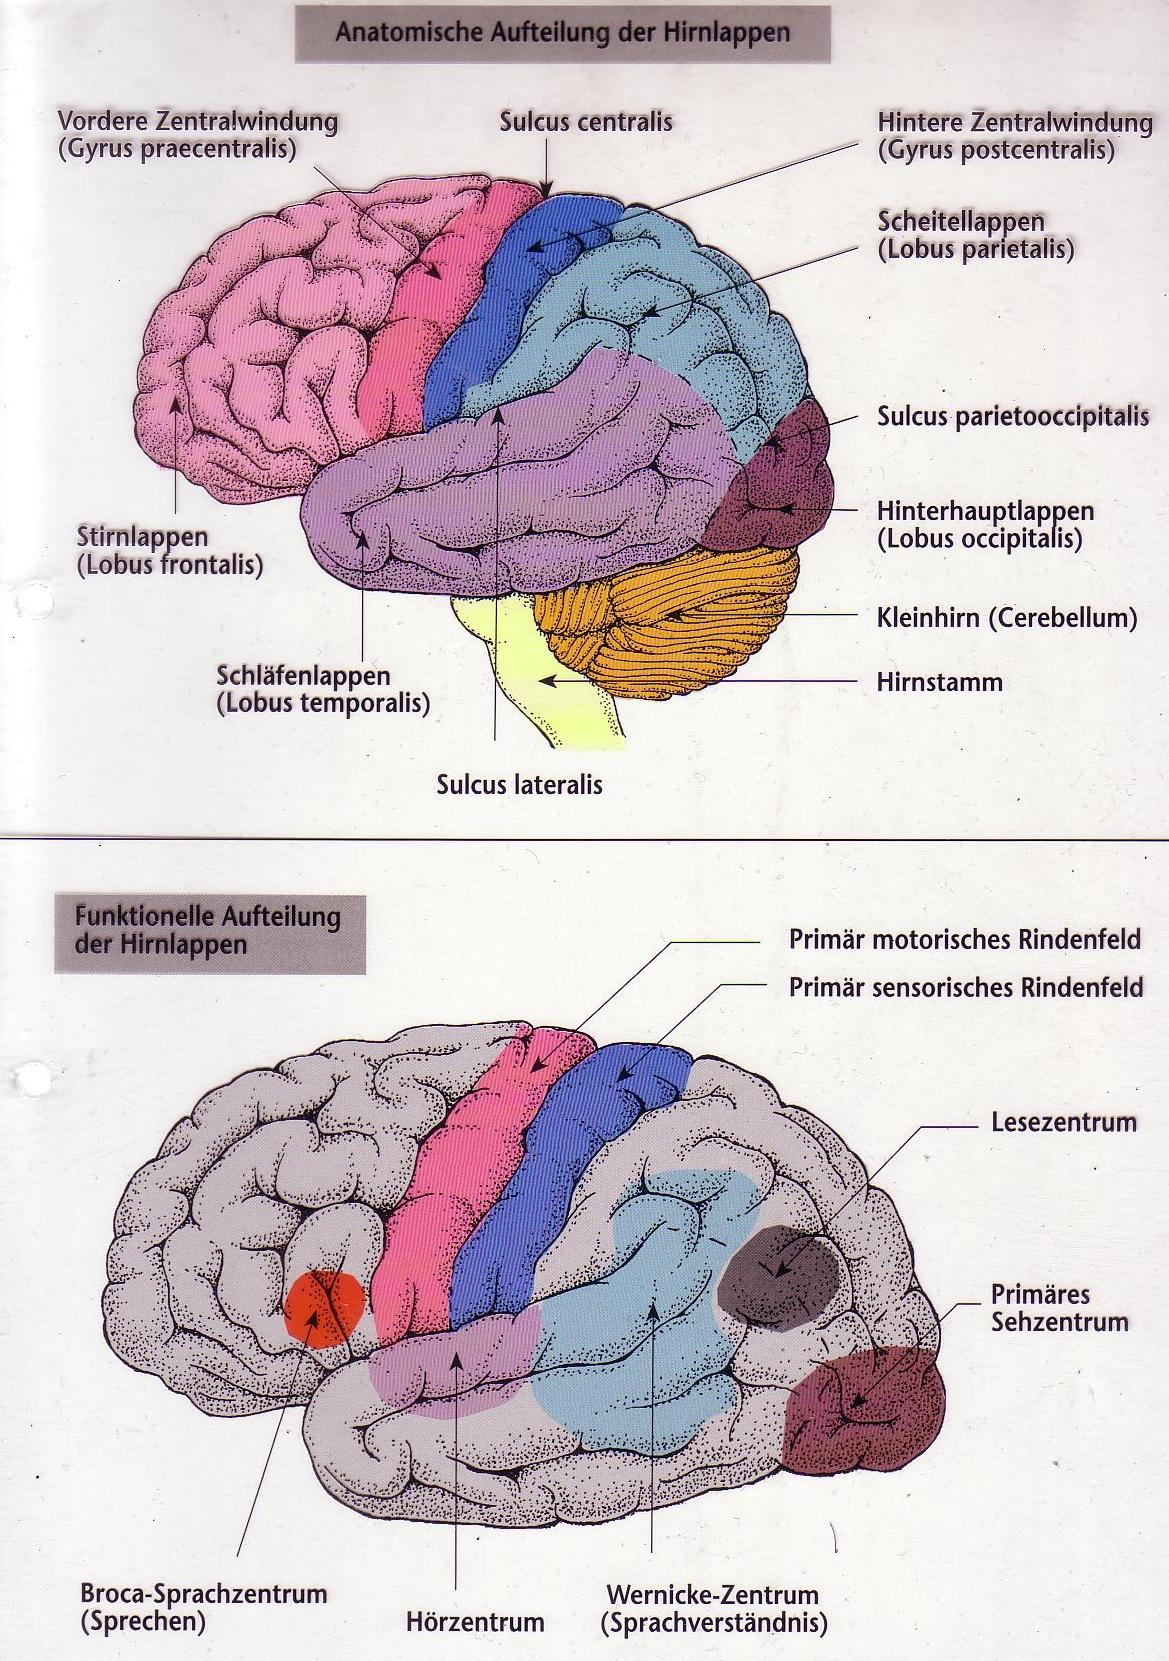 Fantastisch Gehirn Funktionelle Anatomie Zeitgenössisch - Anatomie ...